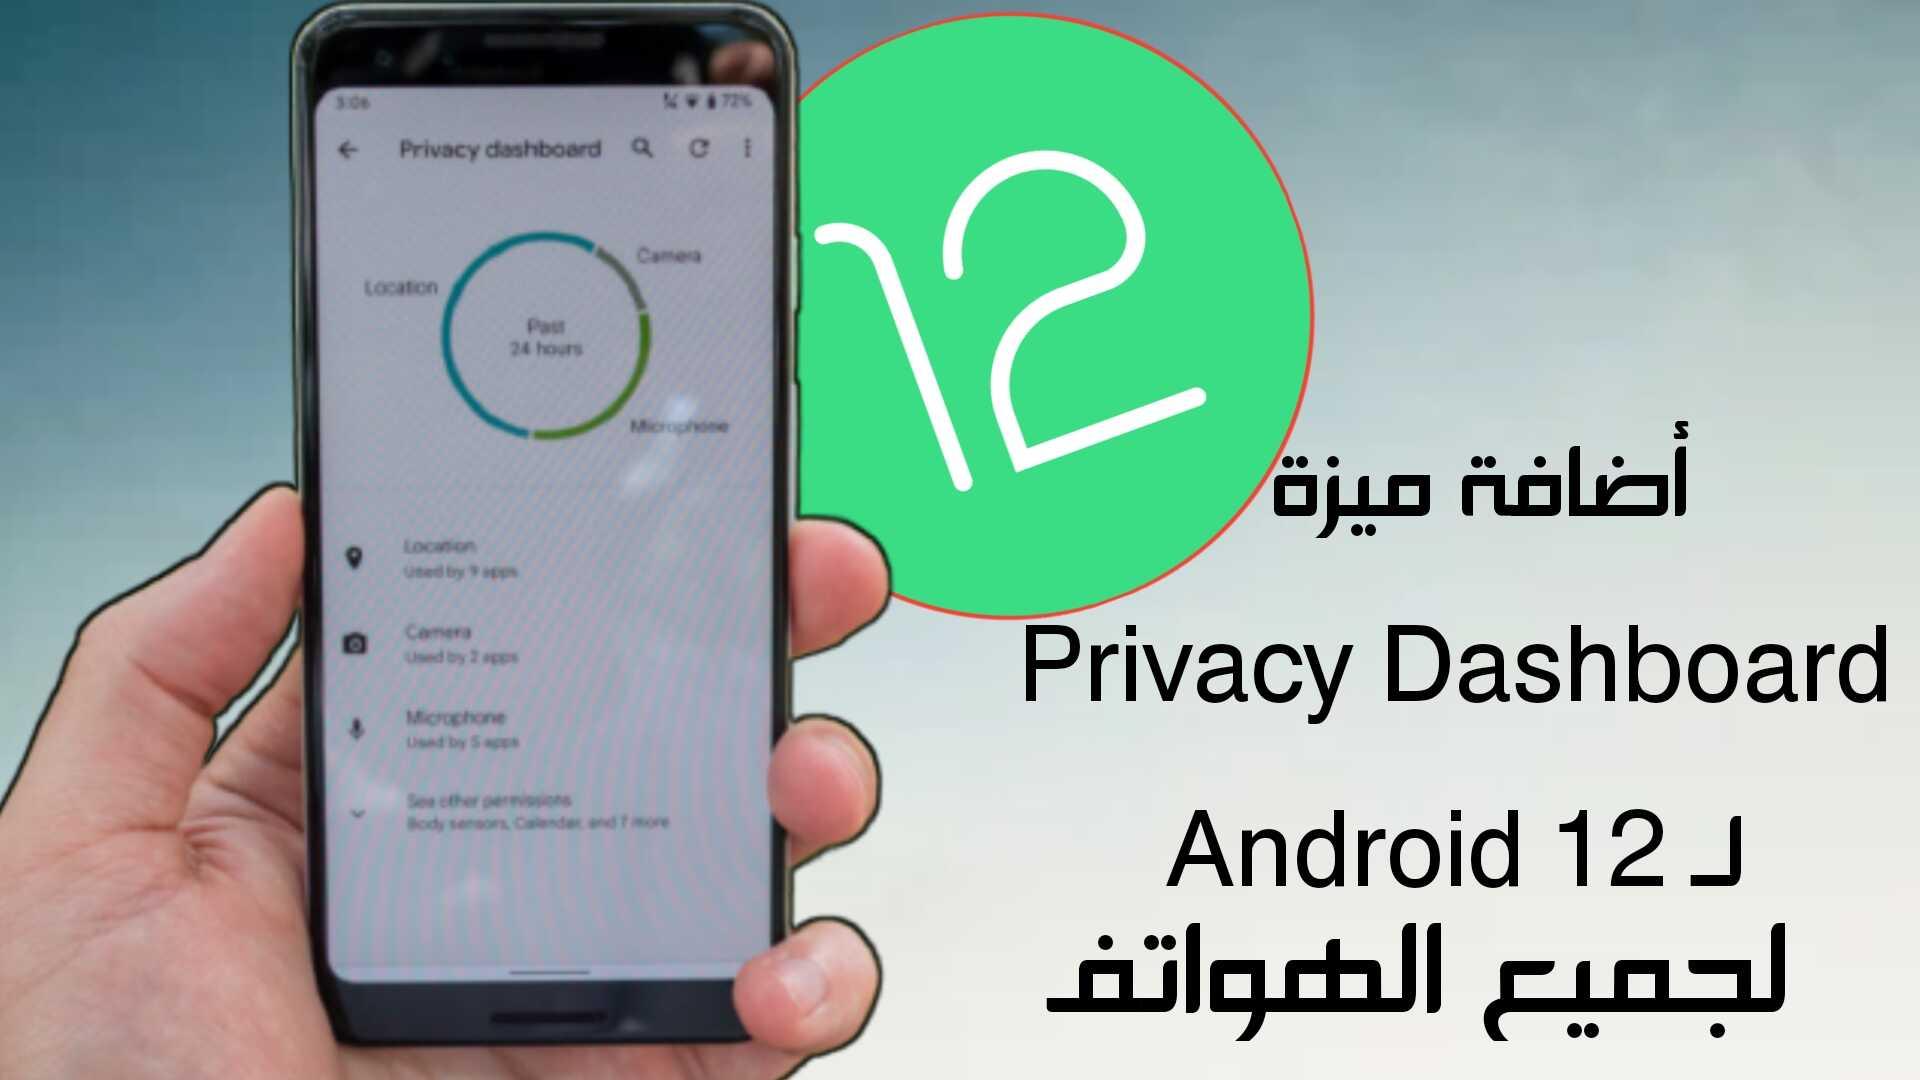 طريقة أضافة ميزة Privacy Dashboard لـ Android 12 لكل هواتف الاندرويد